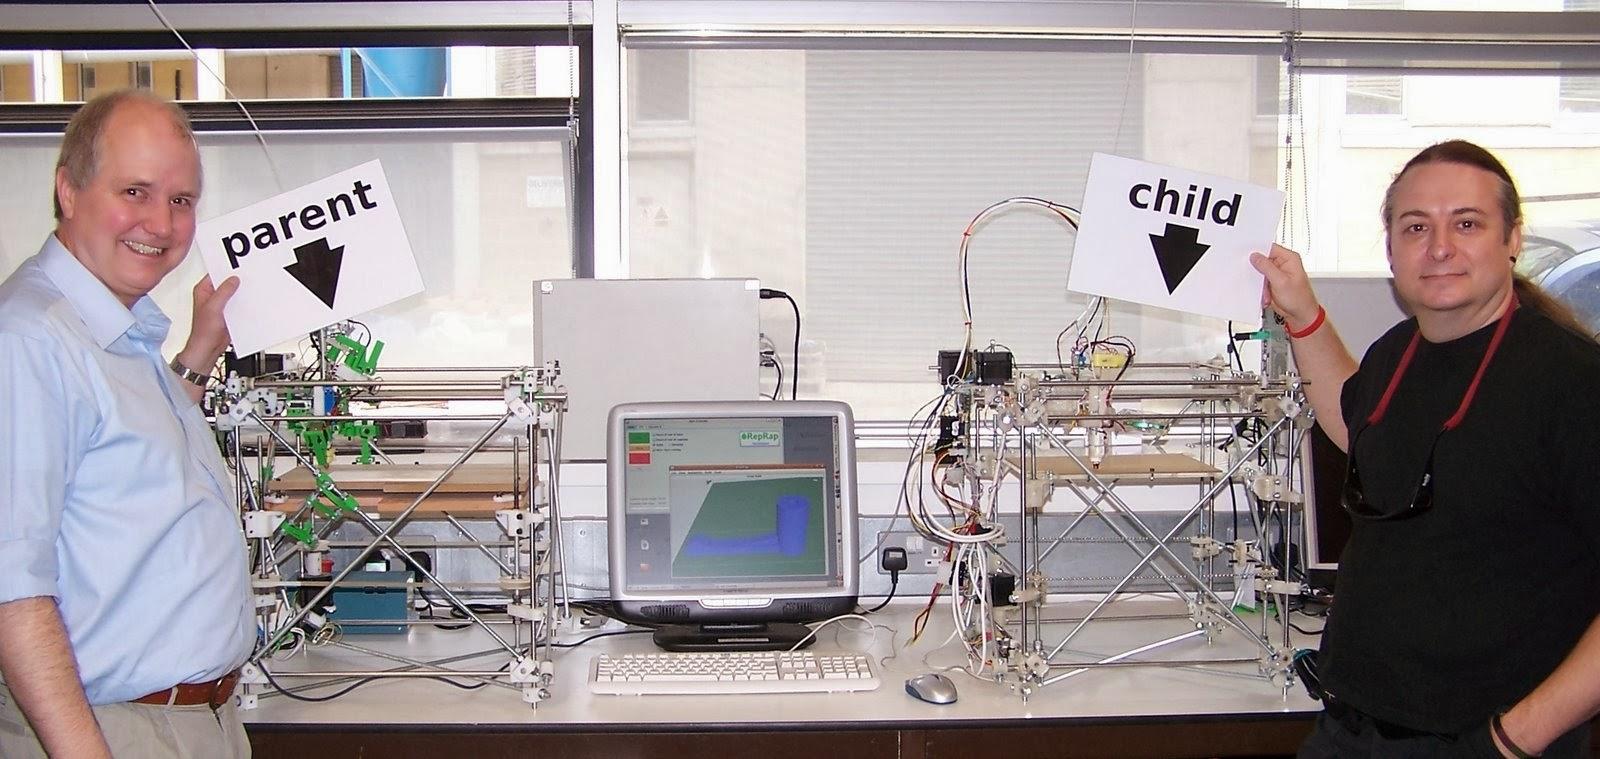 Эдриан Боуер, 3D-принтер отец и 3D-принтер сын